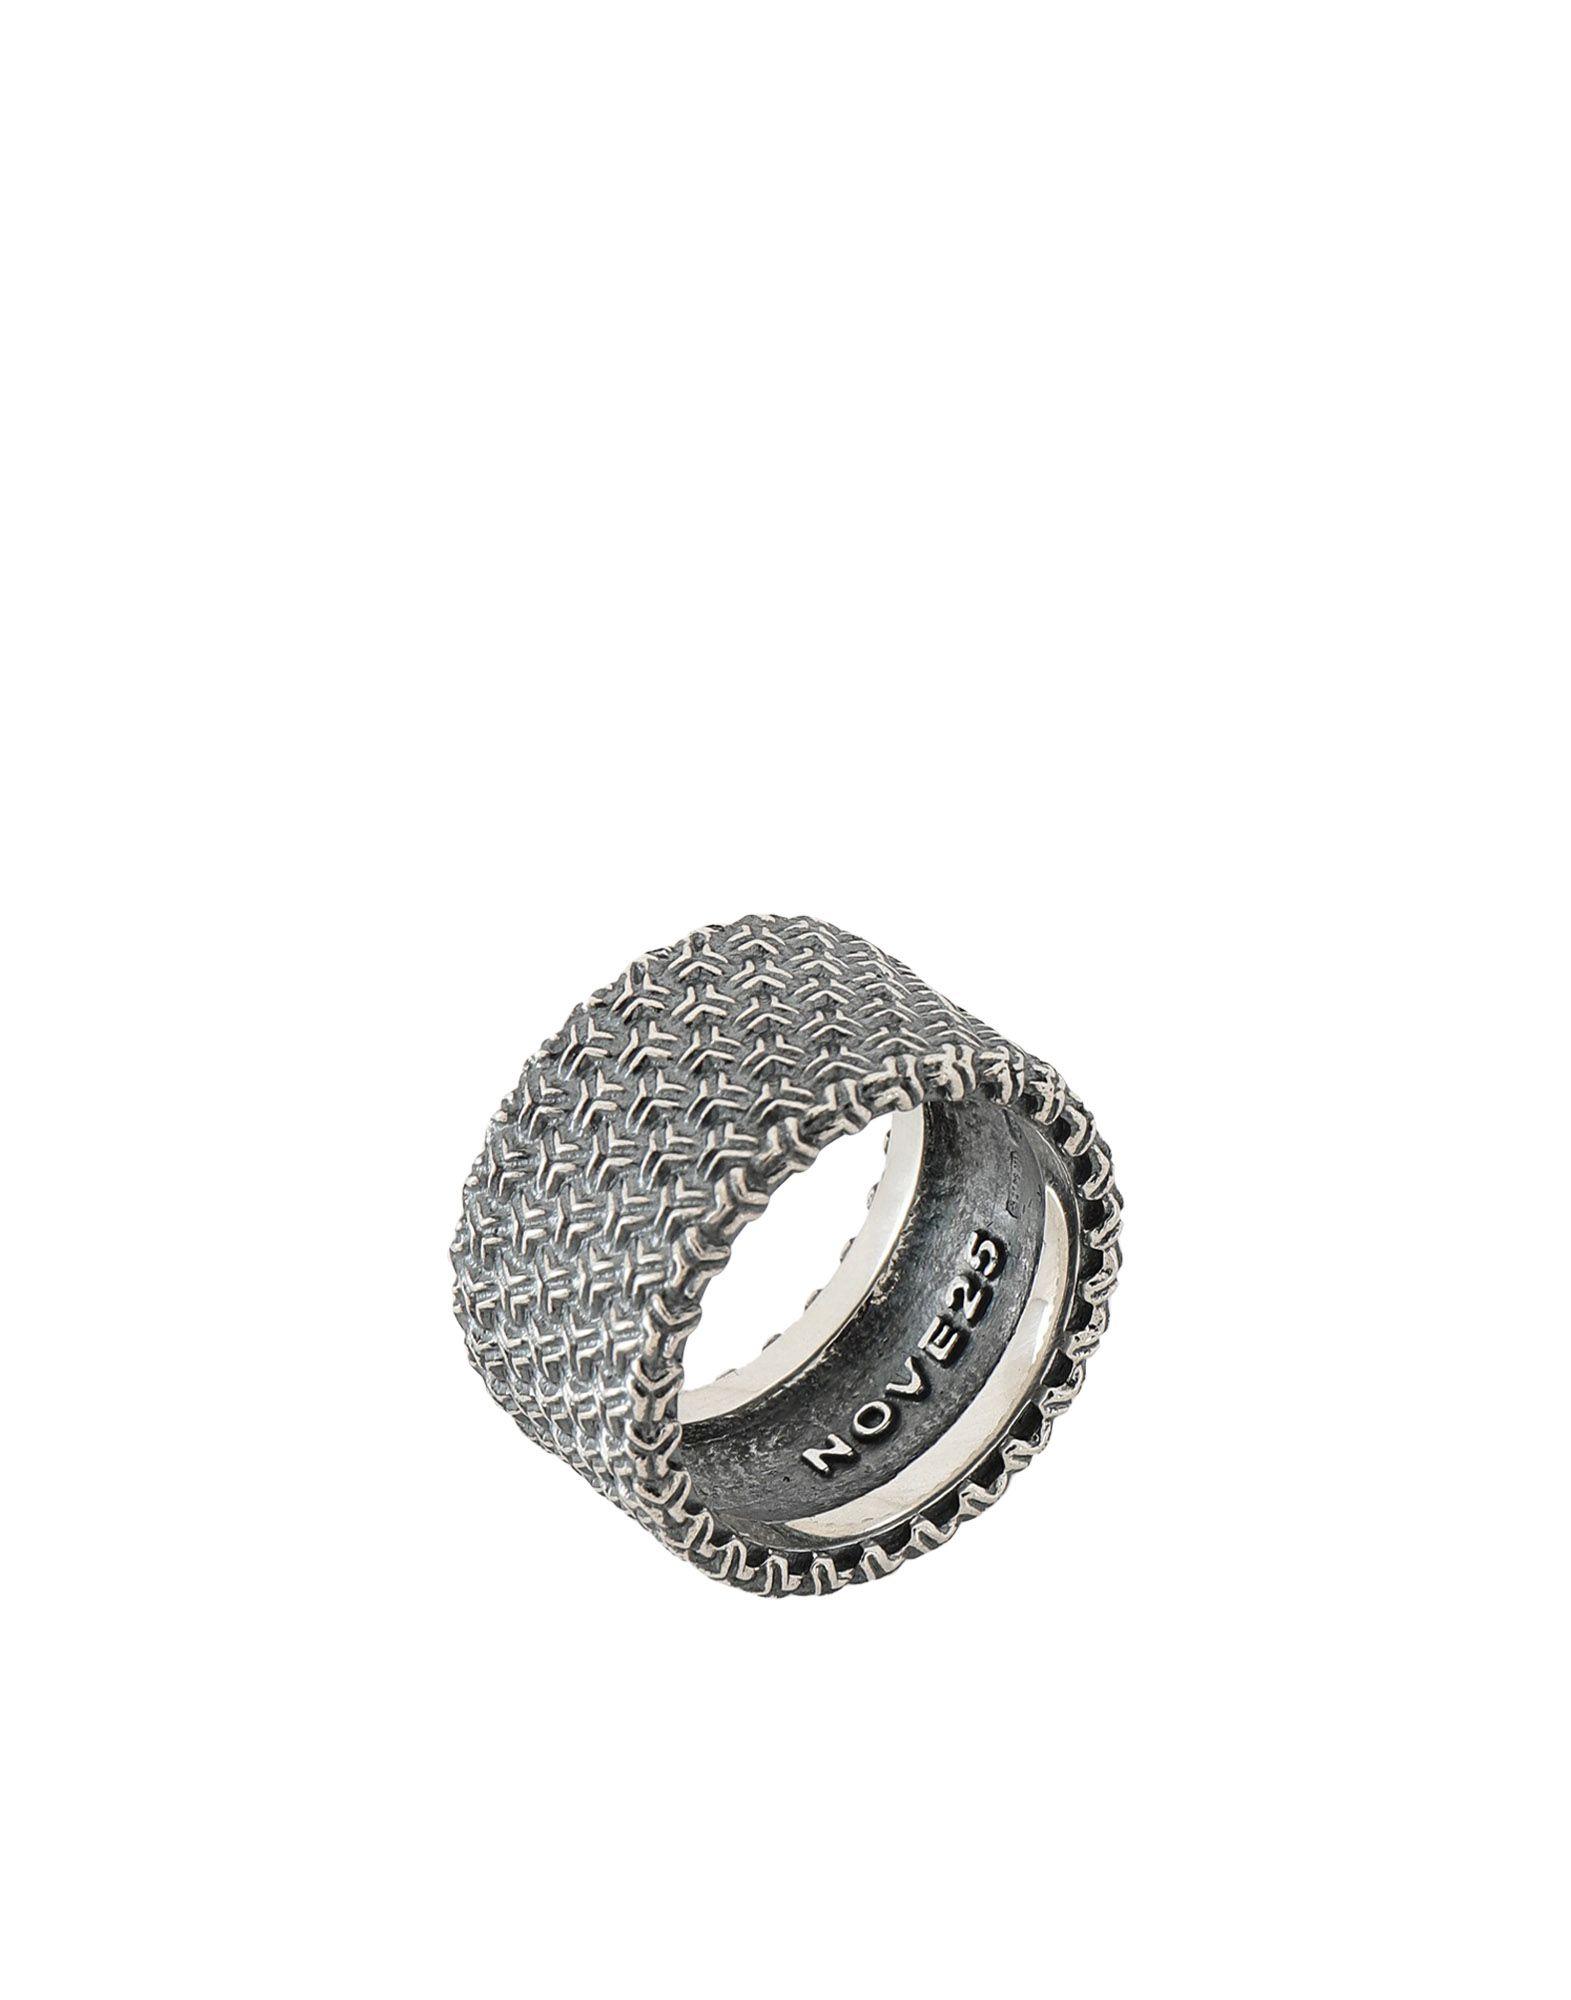 《期間限定 セール開催中》NOVE25 メンズ 指輪 シルバー 20 シルバー925/1000 3D TEXTURE BAND RING